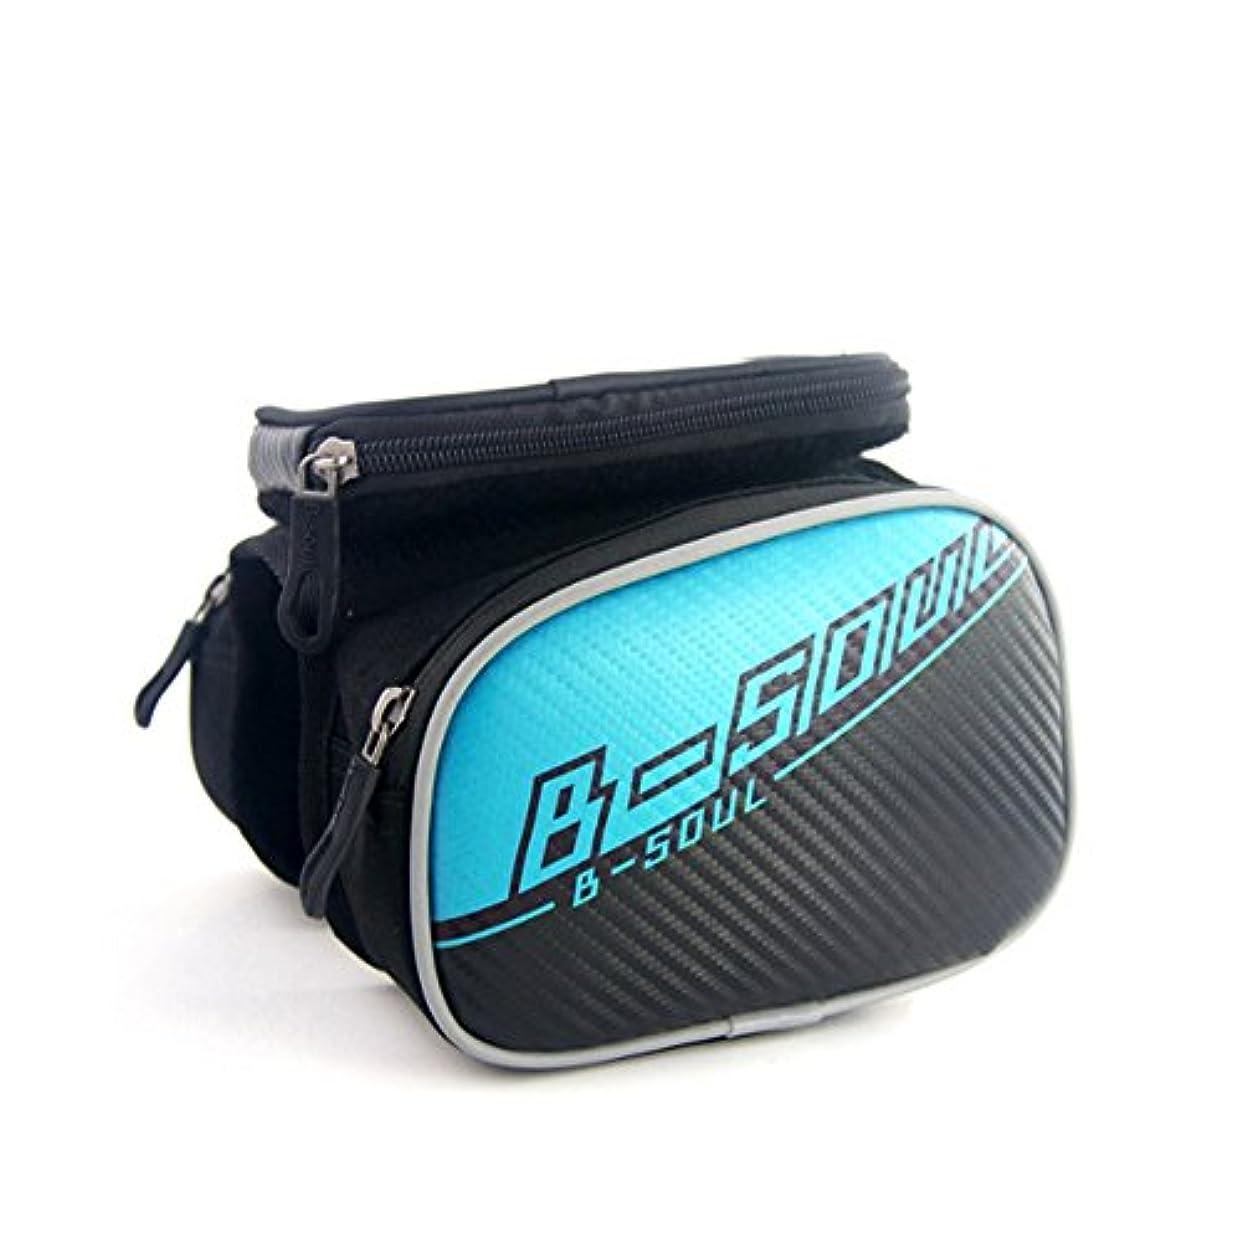 税金外側冷酷な自転車サドルバッグ防水バッグ自転車フレームバッグ、5.5インチのスマートフォンに適した自転車のフロントチューブフロントチューブバッグ サドルバッグ?フレームバッグ (色 : 赤, サイズ : 5.5